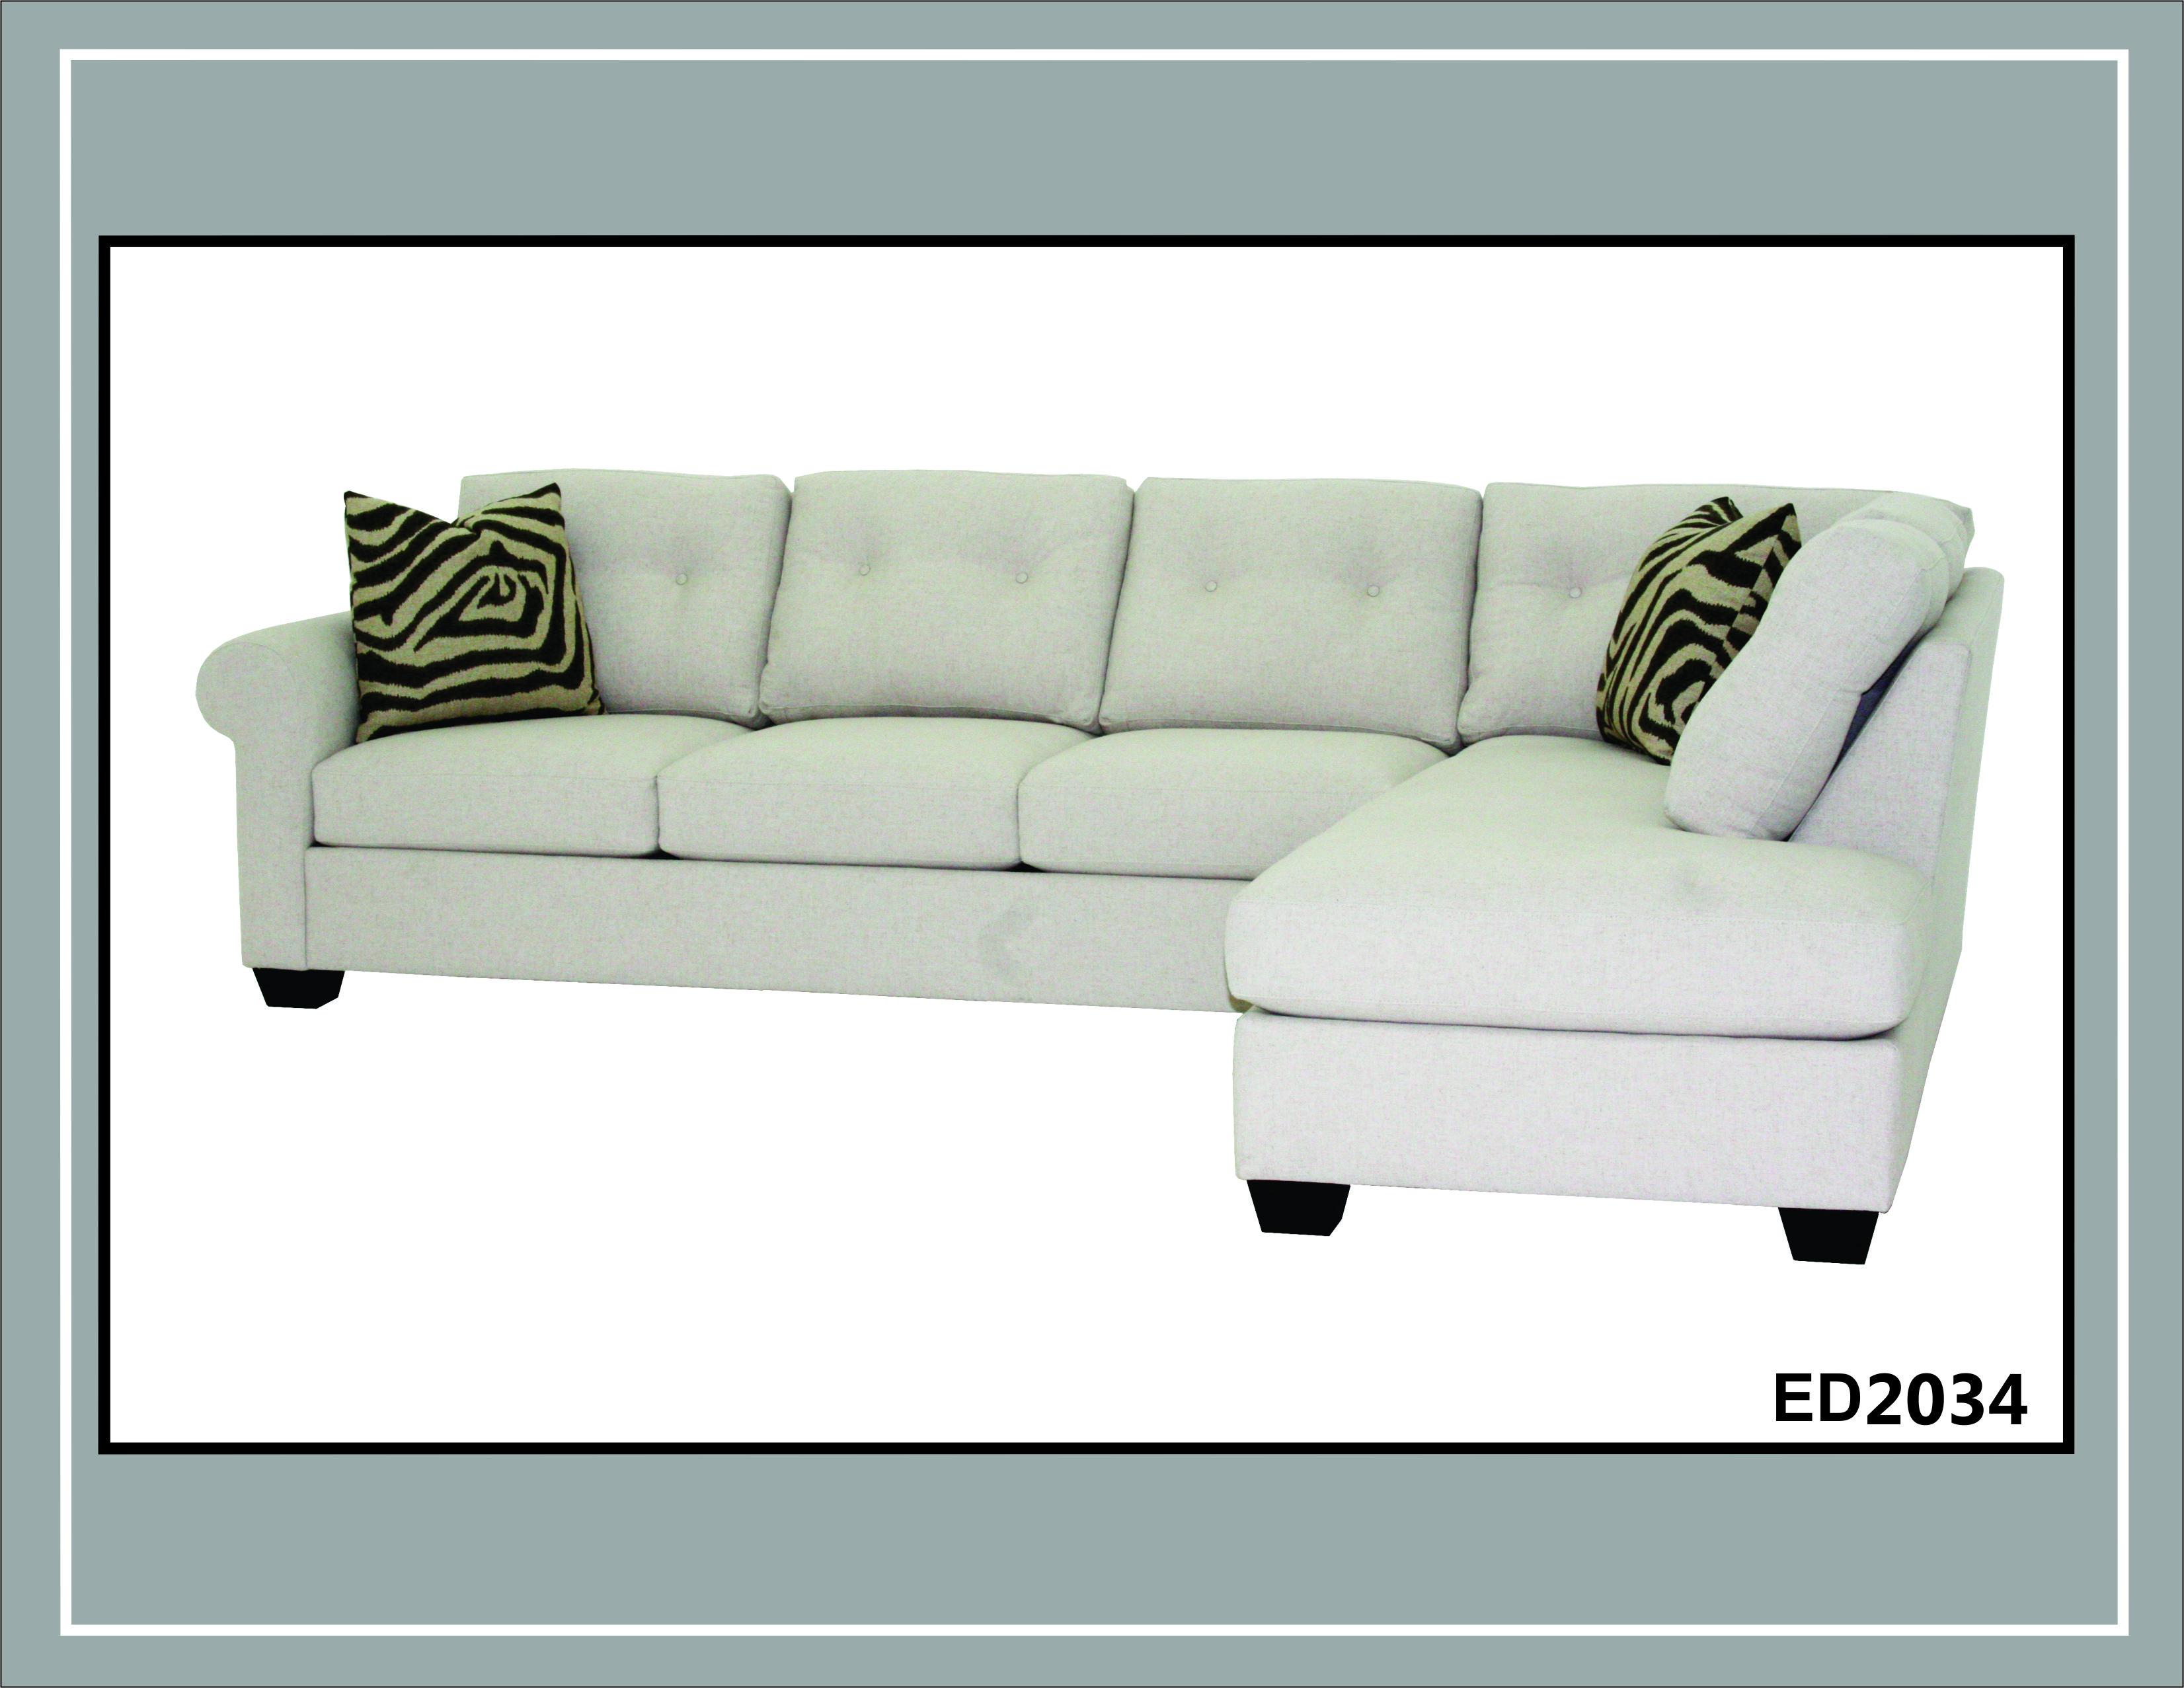 ED2034 SECT